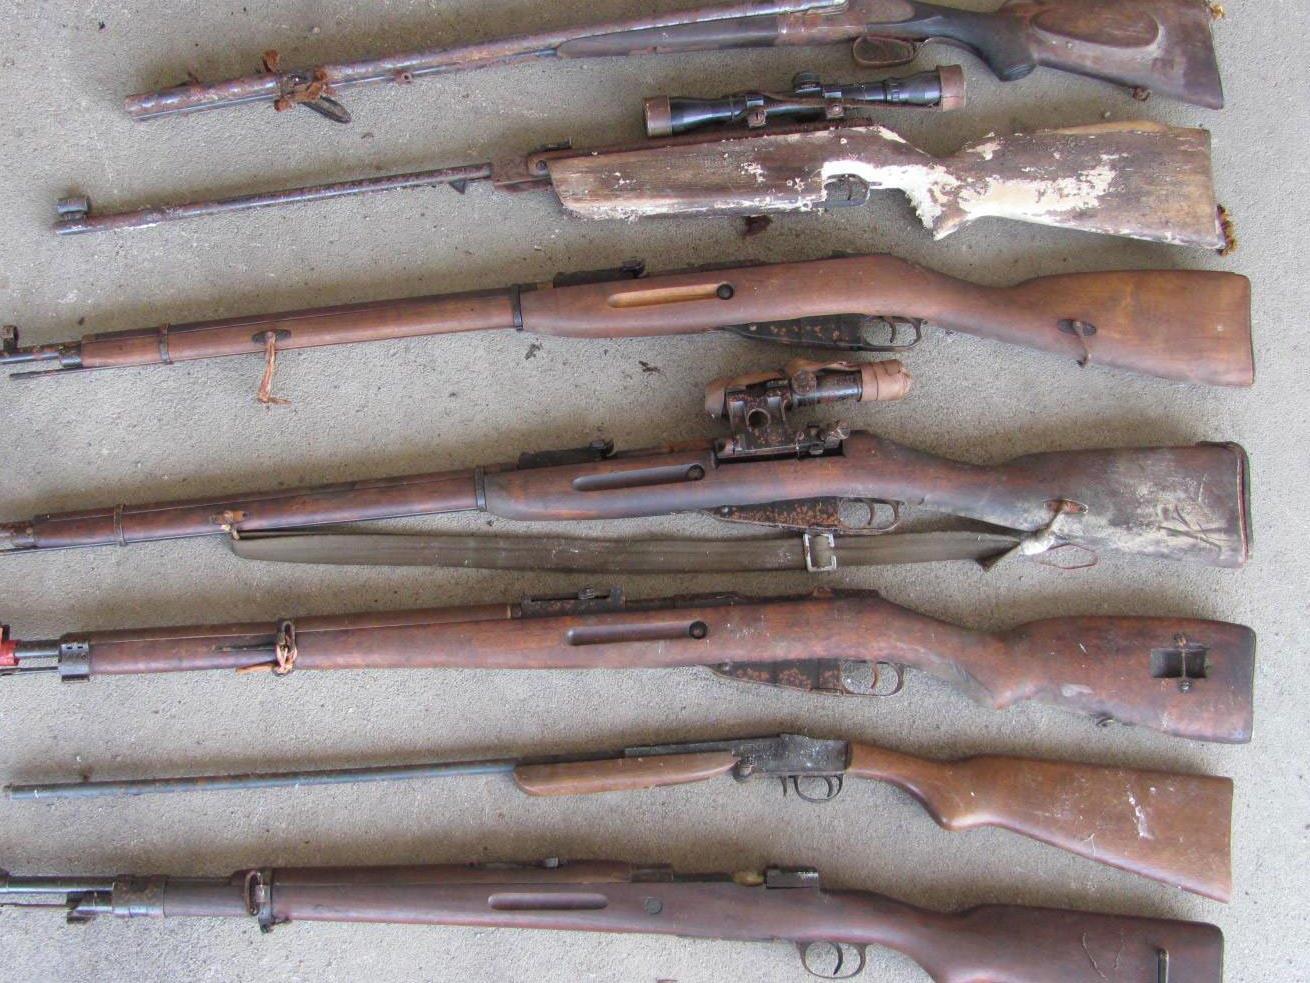 Ein Teil der gefundenen Waffen im Burgenland.